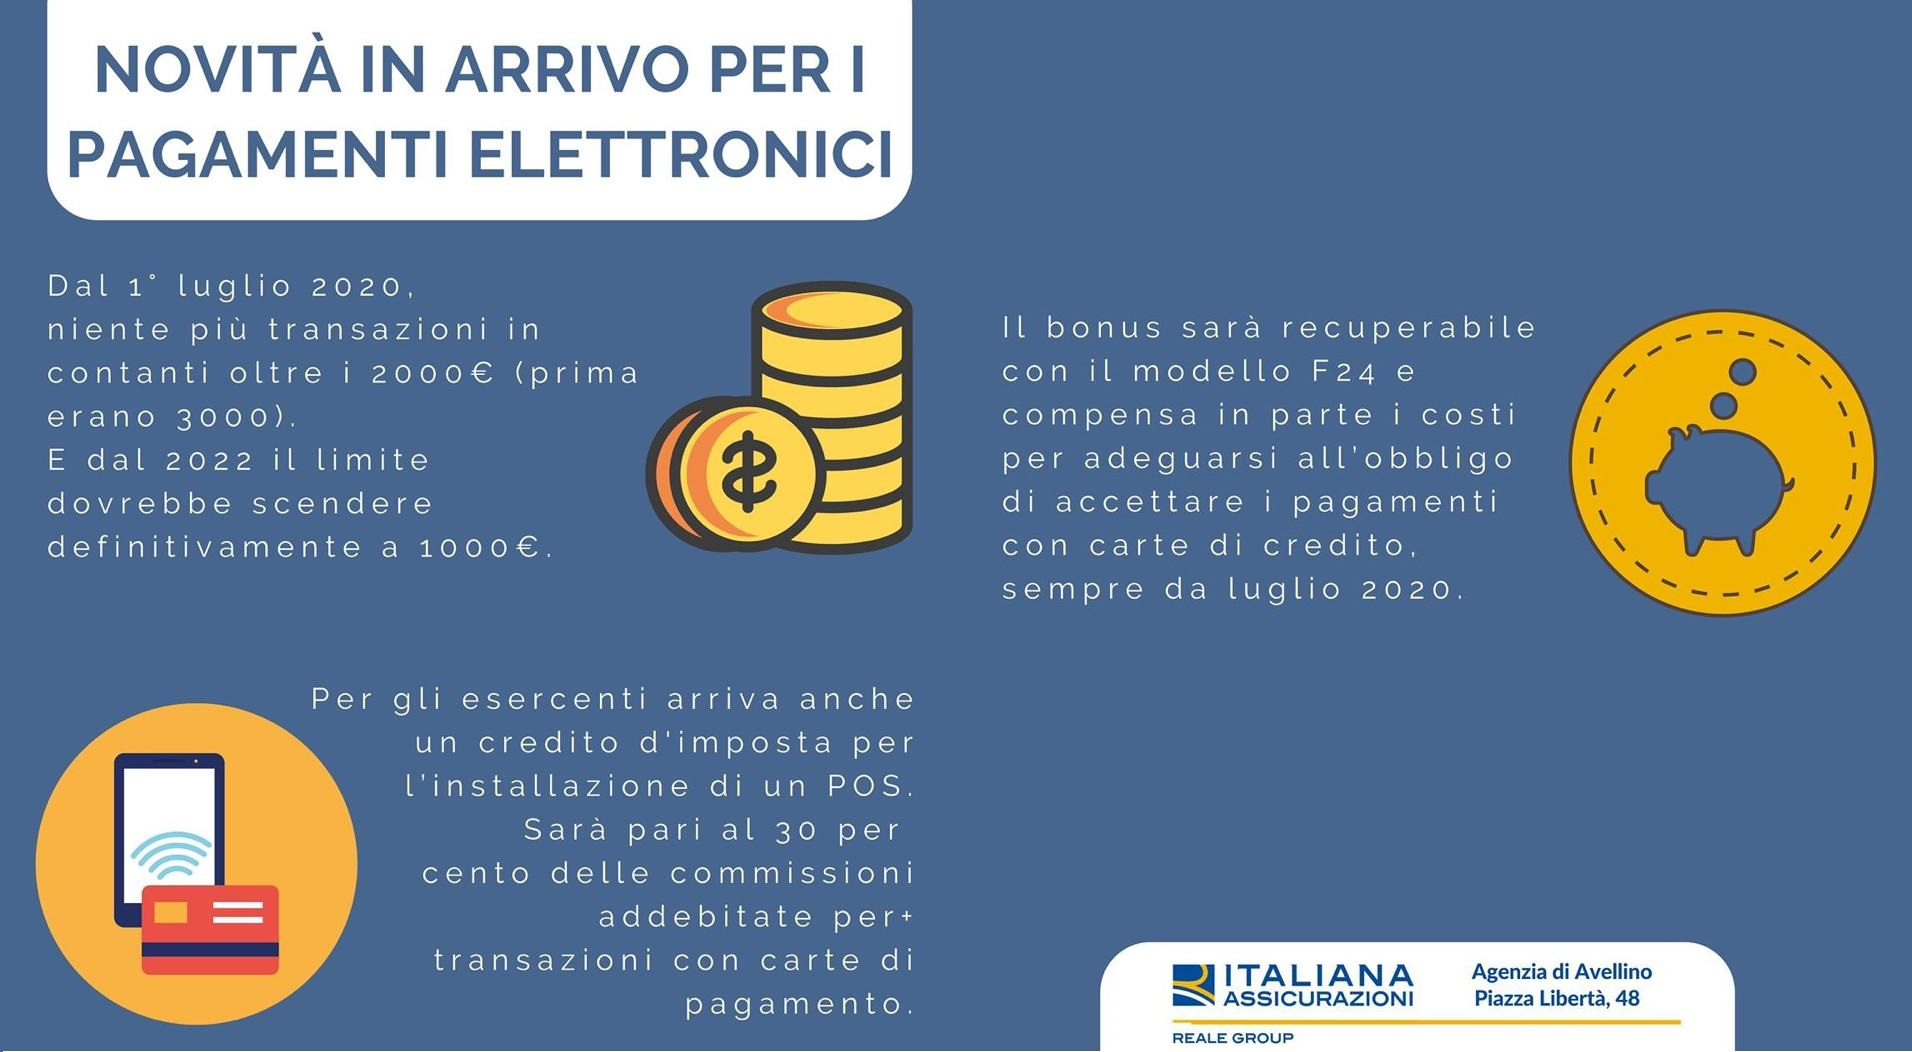 Italiana Assicurazioni - Reale Group